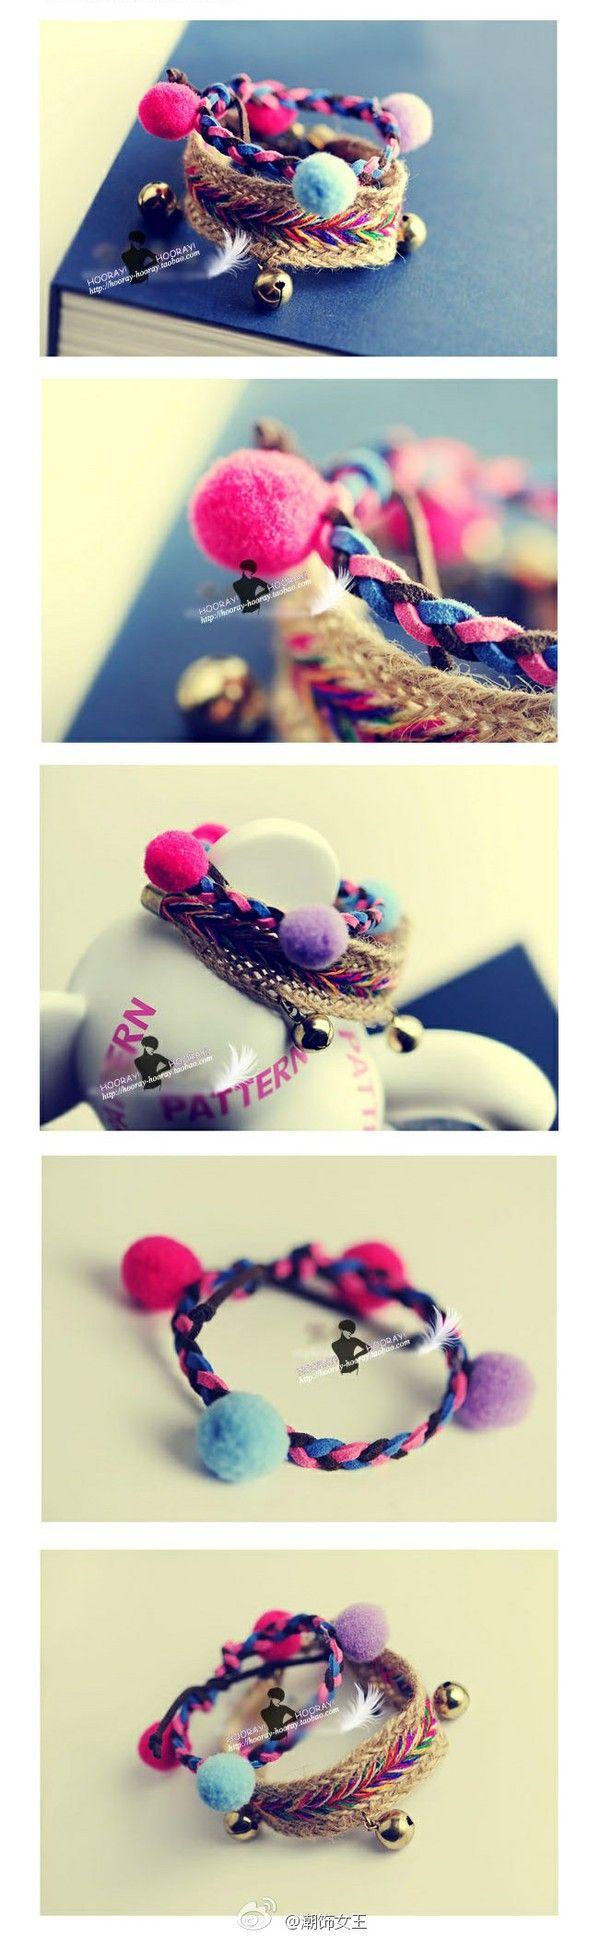 非常浓郁的民族风,麻绳混纺,明朗缤纷的色调,很有复古情怀 ~